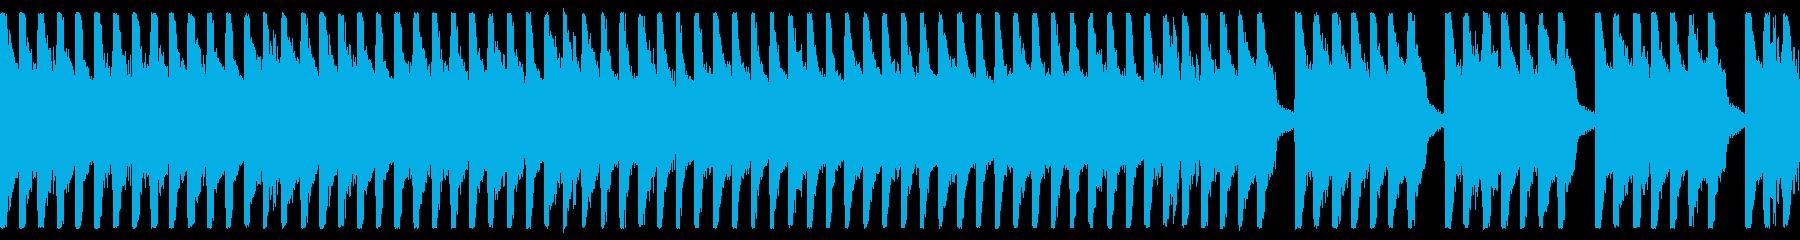 8bit ほのぼの楽しいBGM ループ用の再生済みの波形